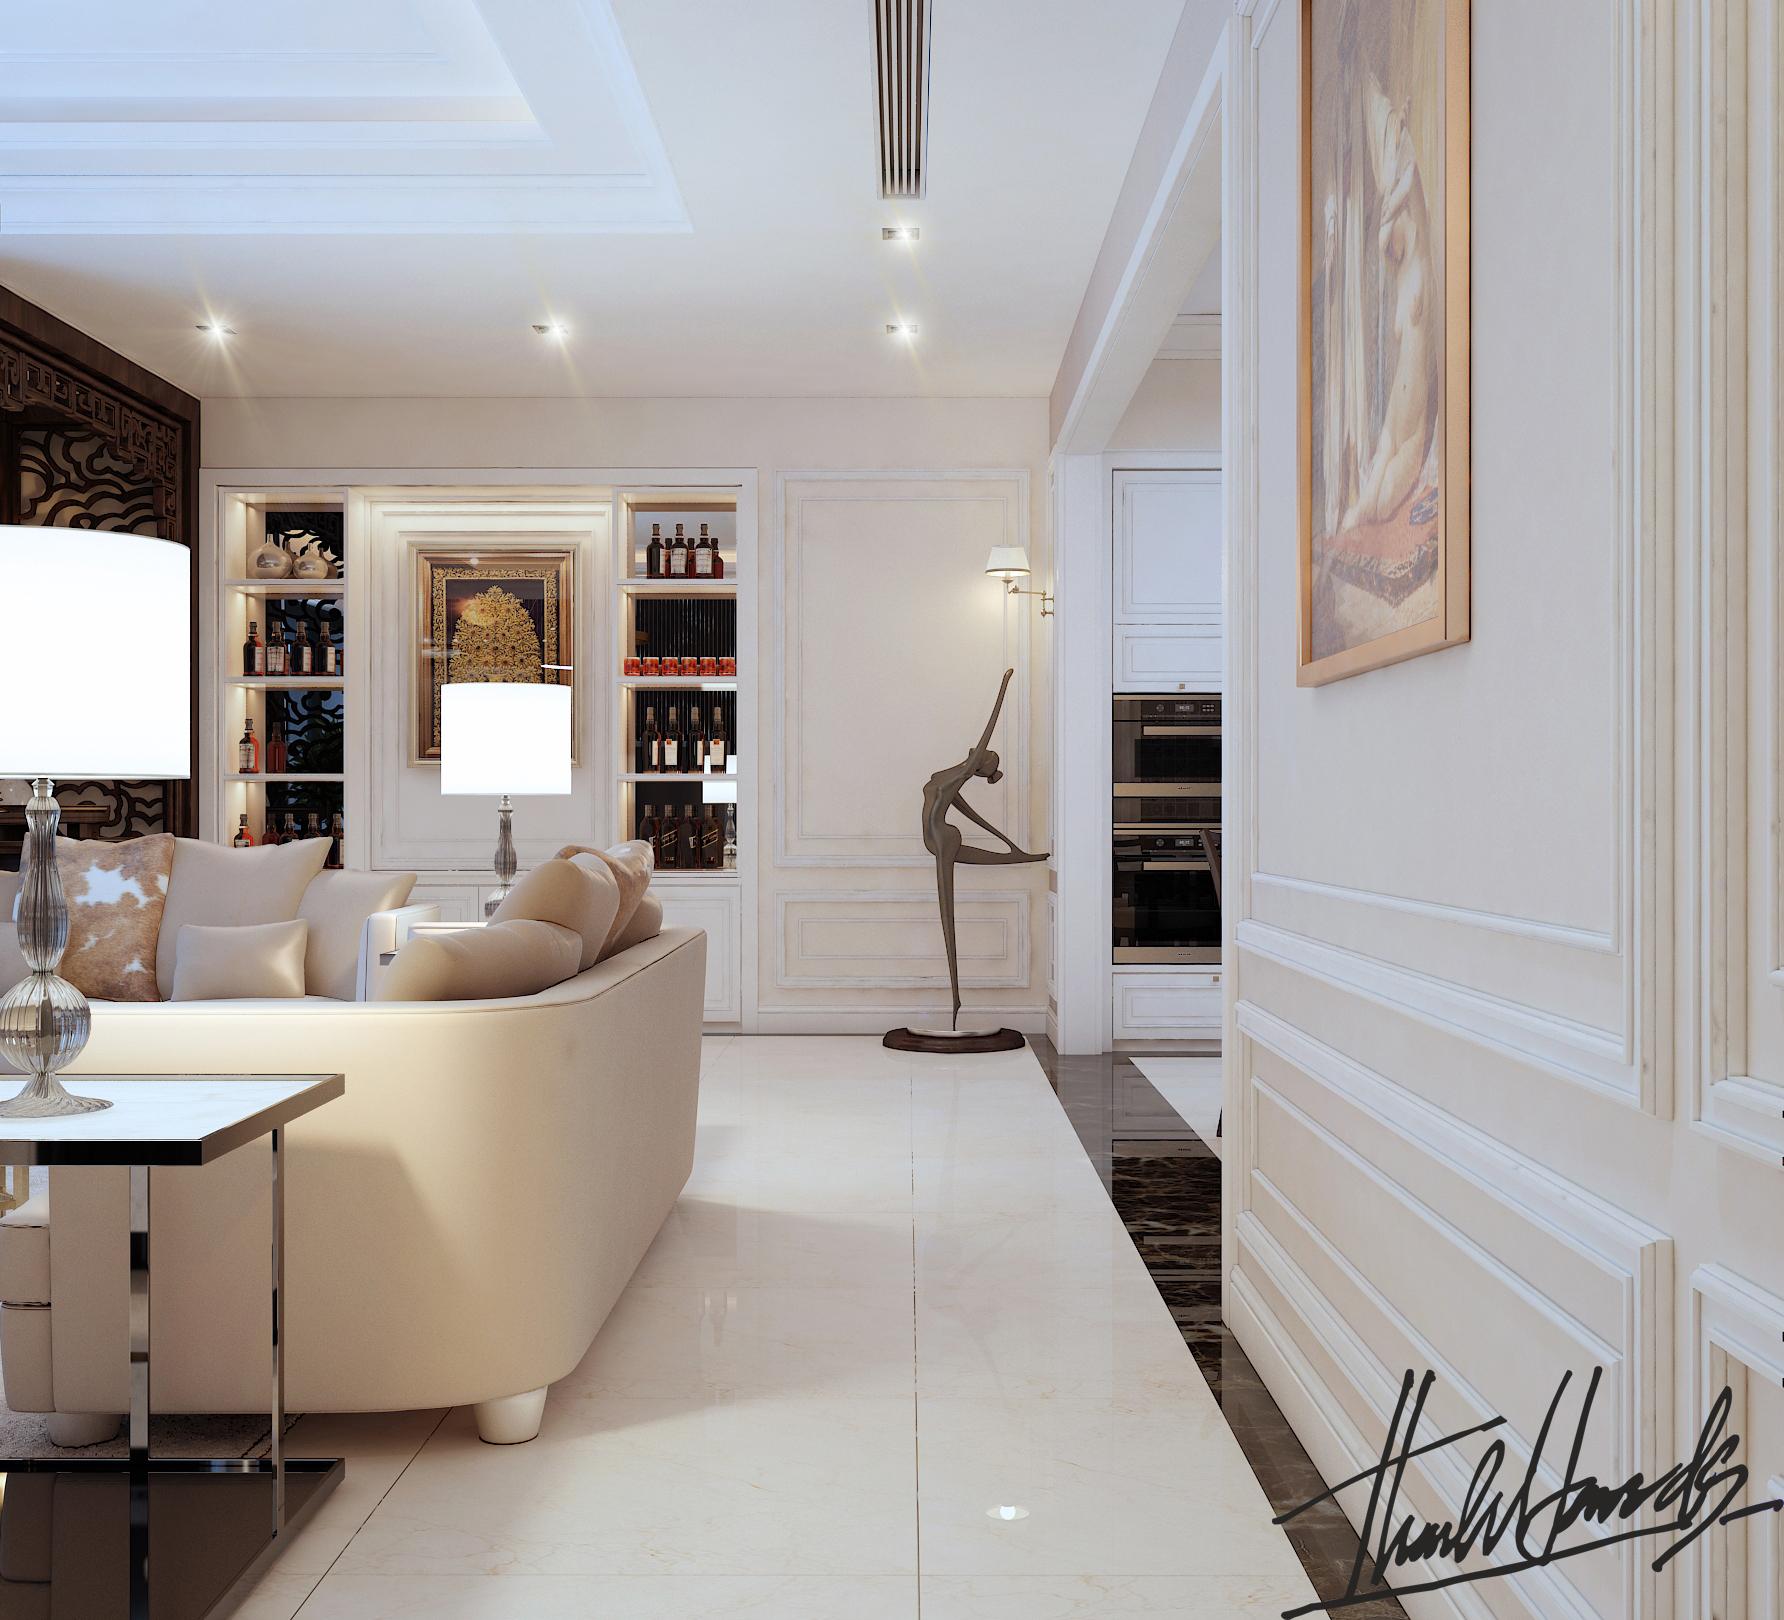 thiết kế nội thất chung cư tại Hà Nội chung cu royacity 9 1568191824